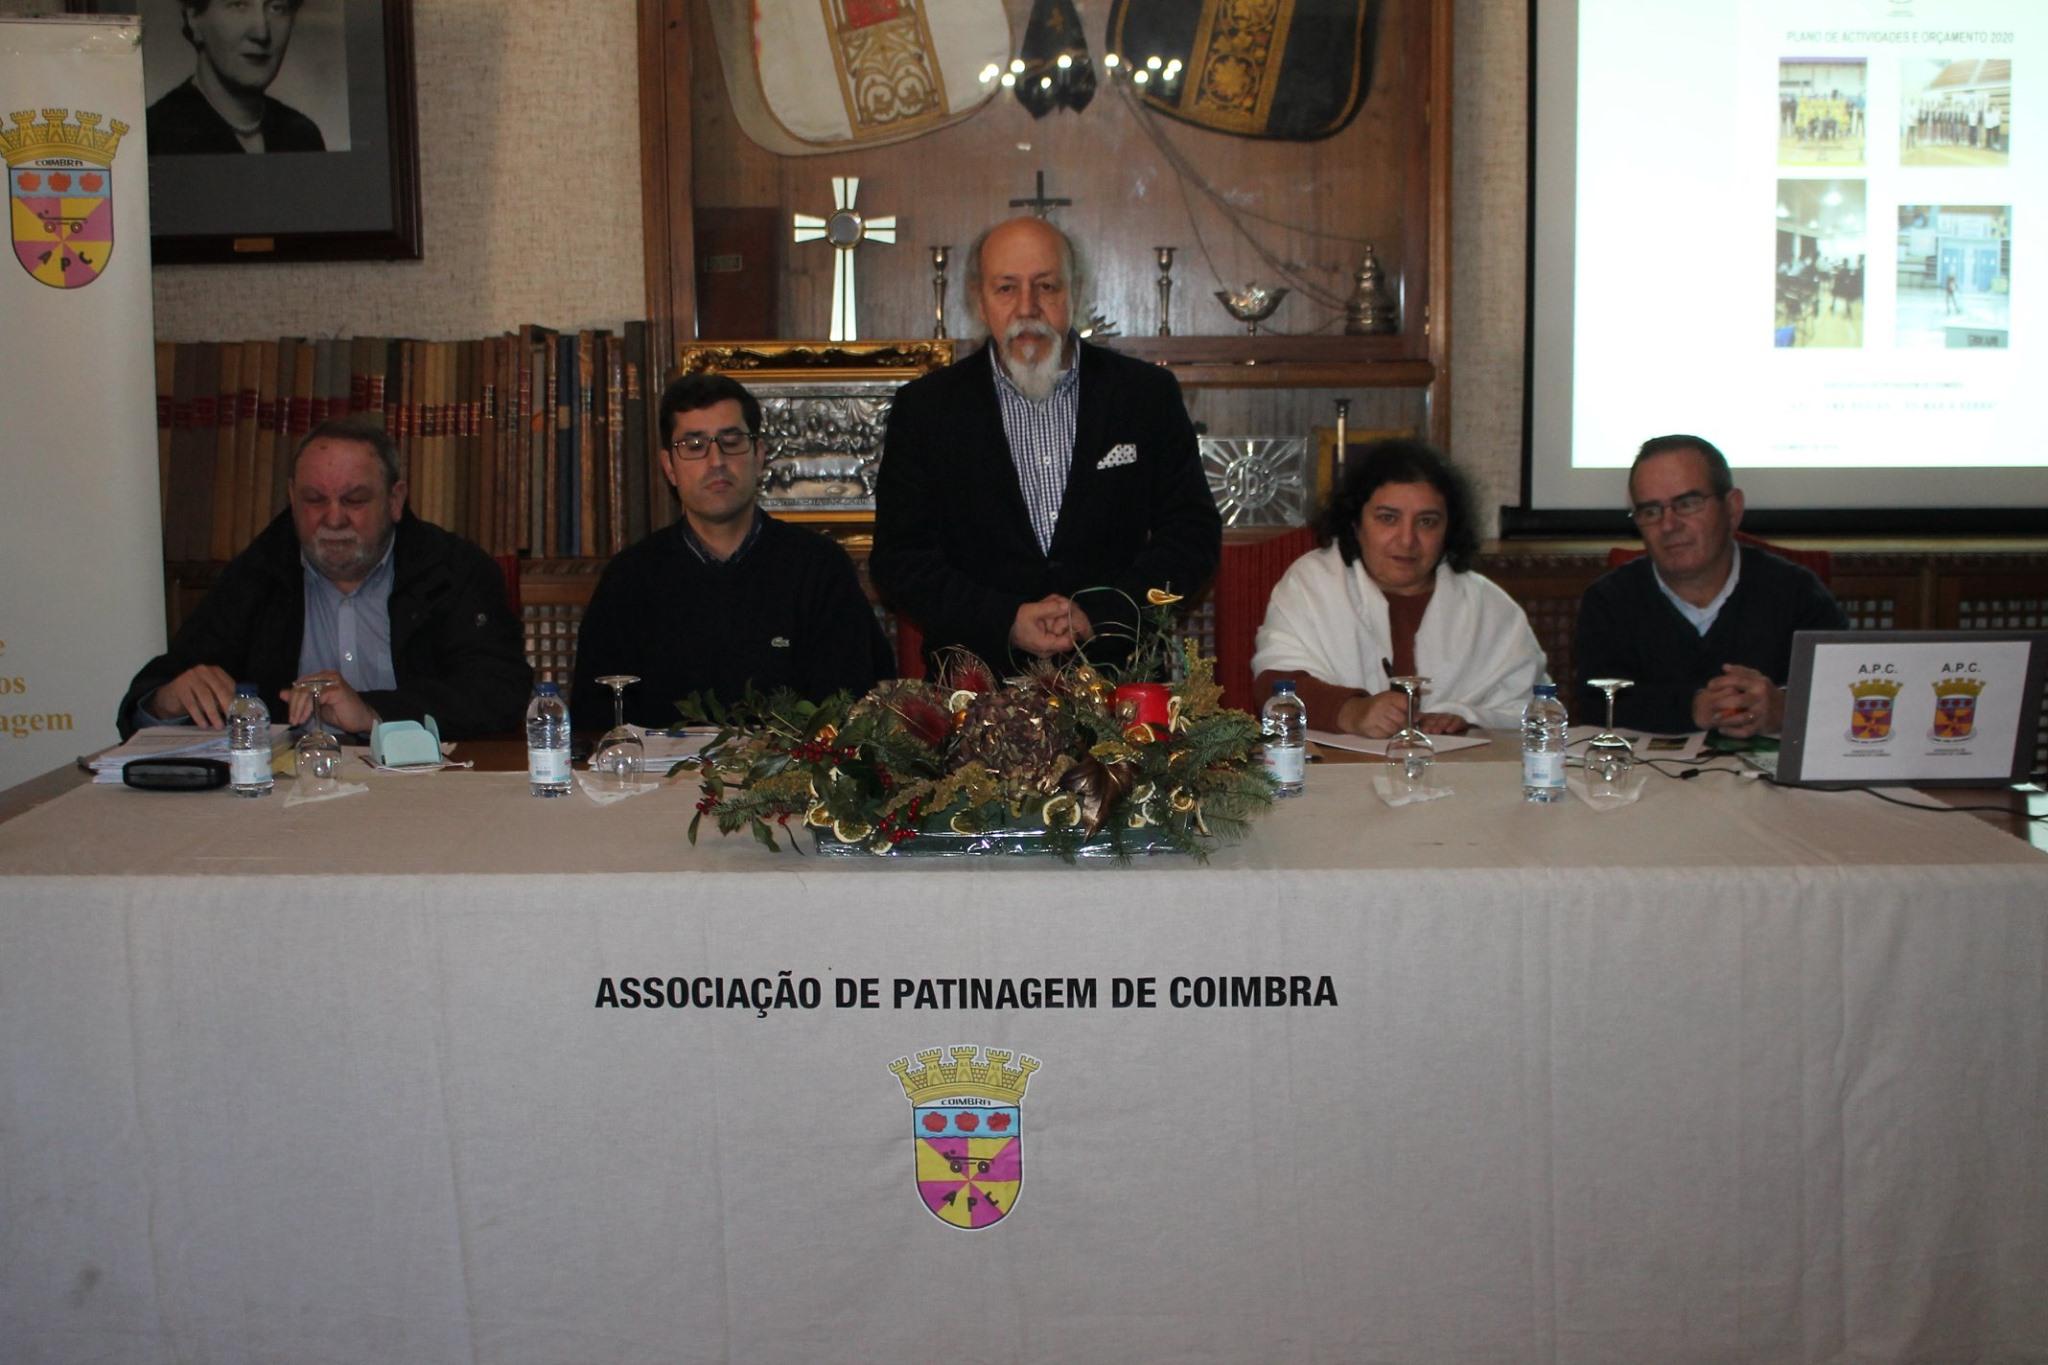 Assembleia da Associação de Patinagem de Coimbra (APC) reúne na Misericórdia